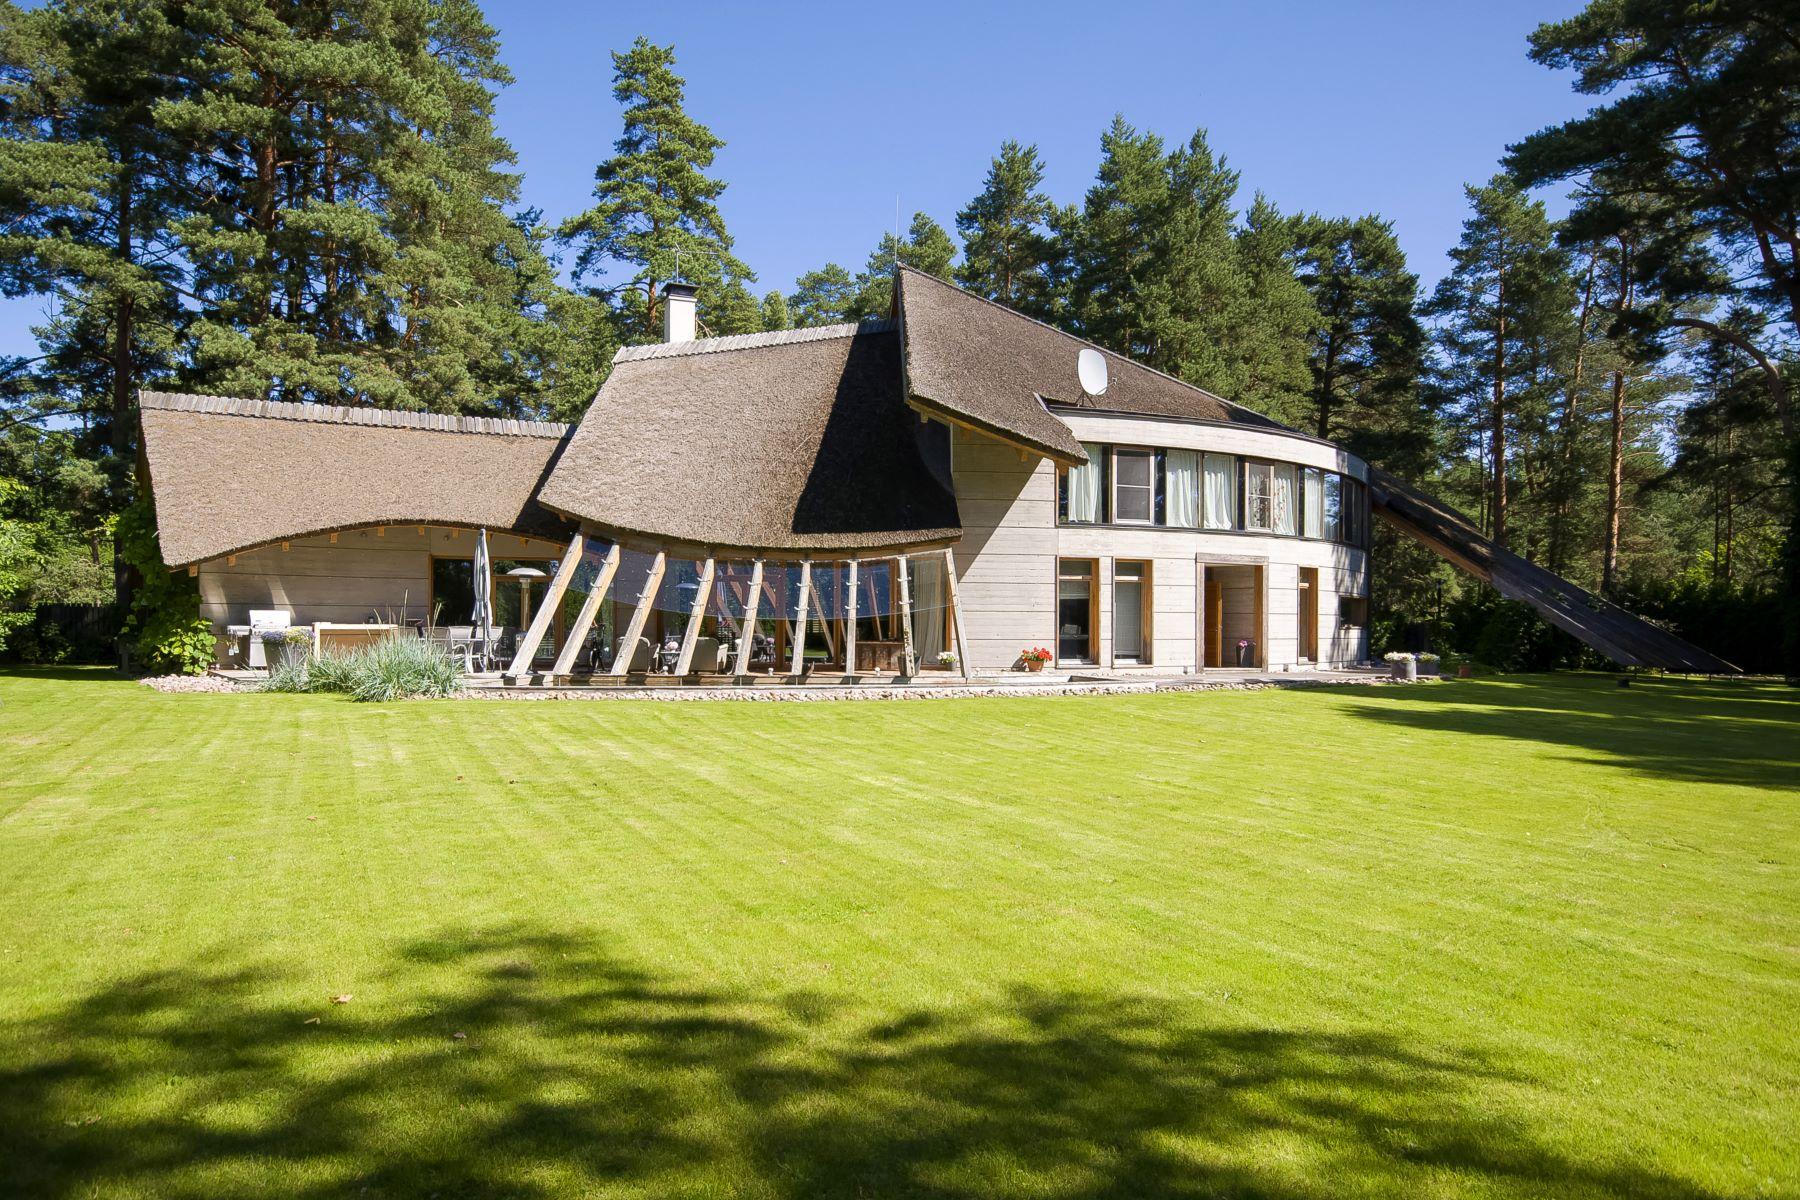 Maison unifamiliale pour l Vente à Modern house on the shore of Lielupe, Jurmala Jurmala, Rigas County, Lettonie